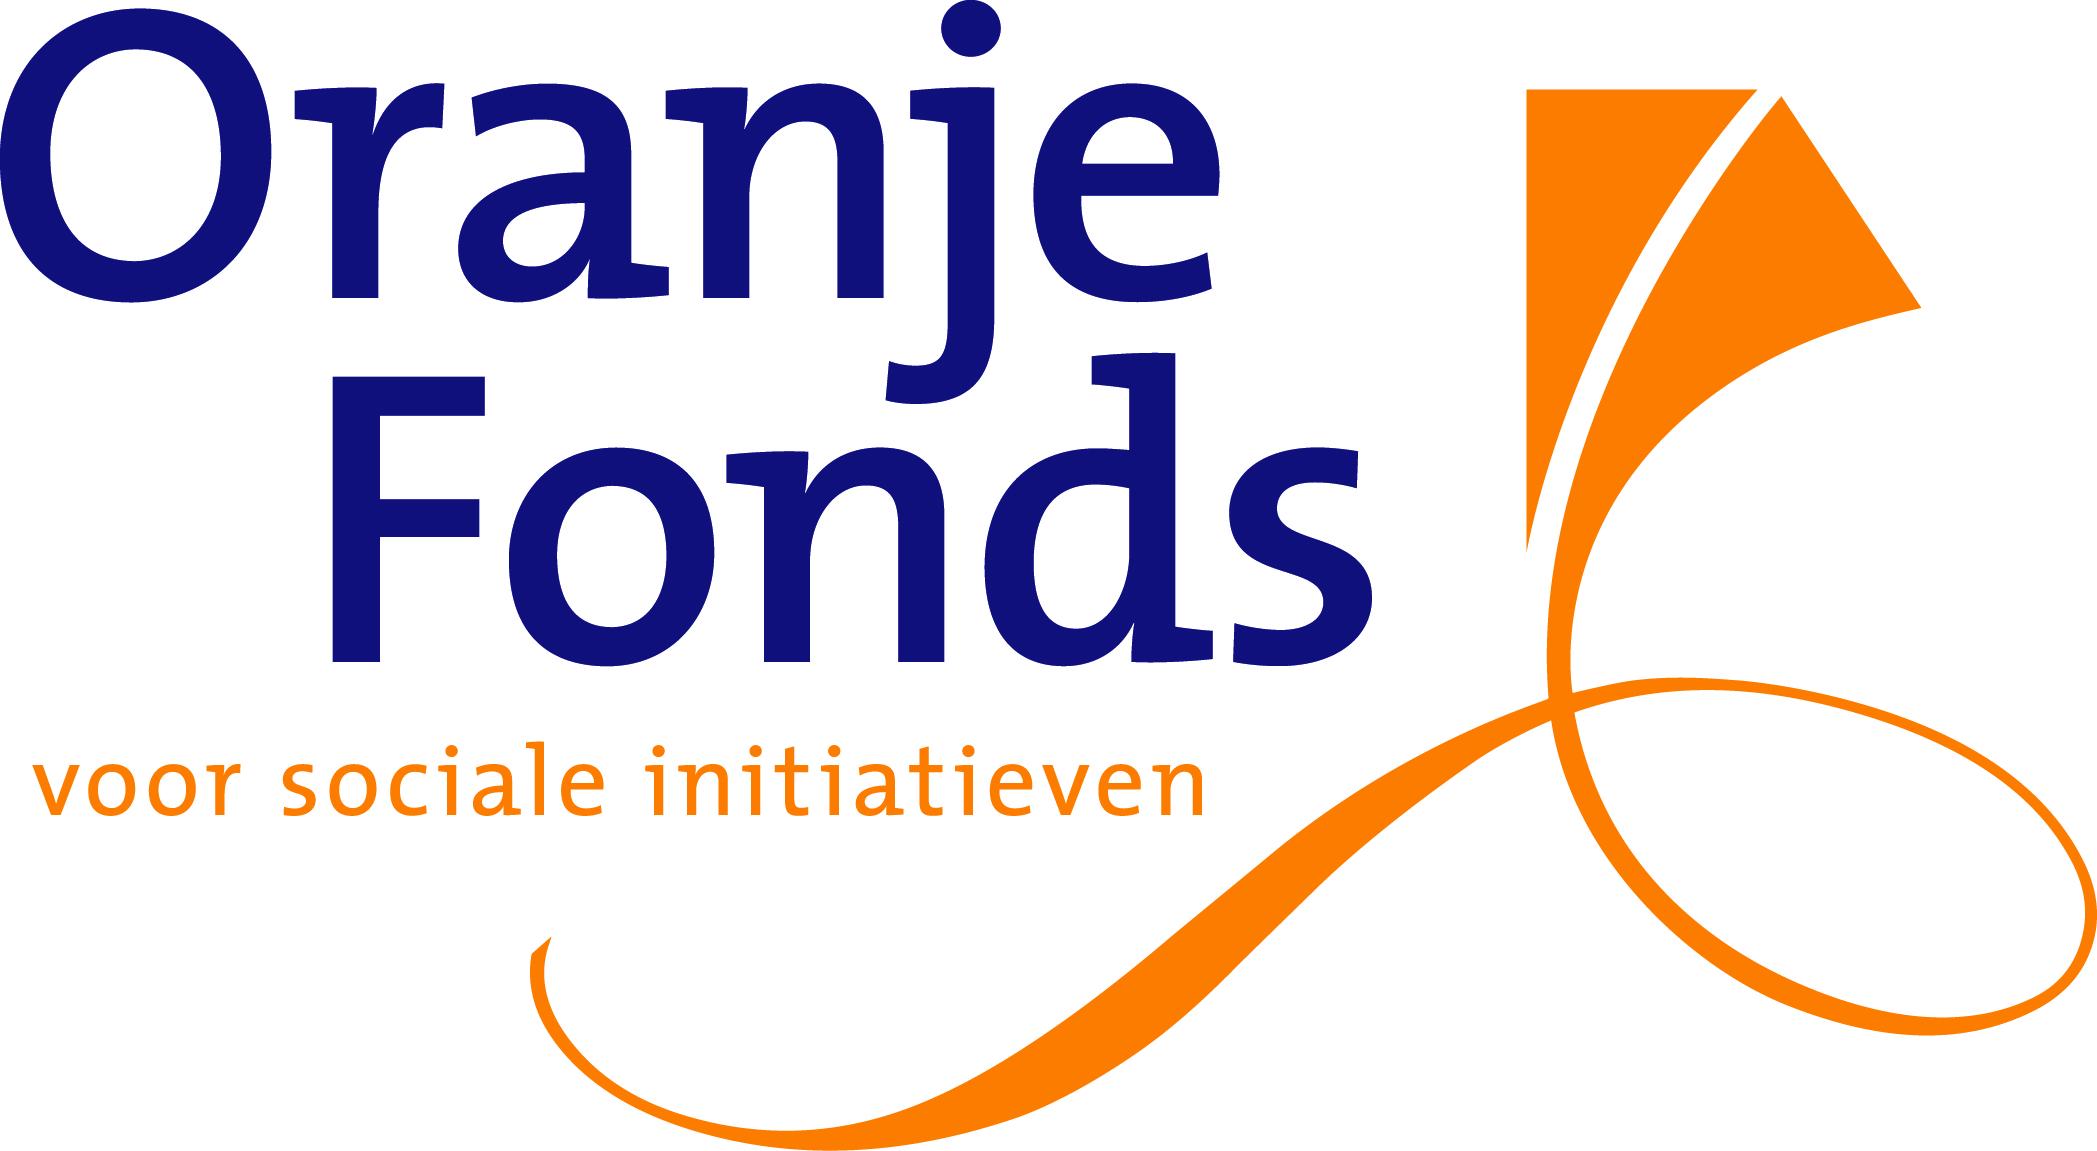 Afbeeldingsresultaat voor oranje fonds